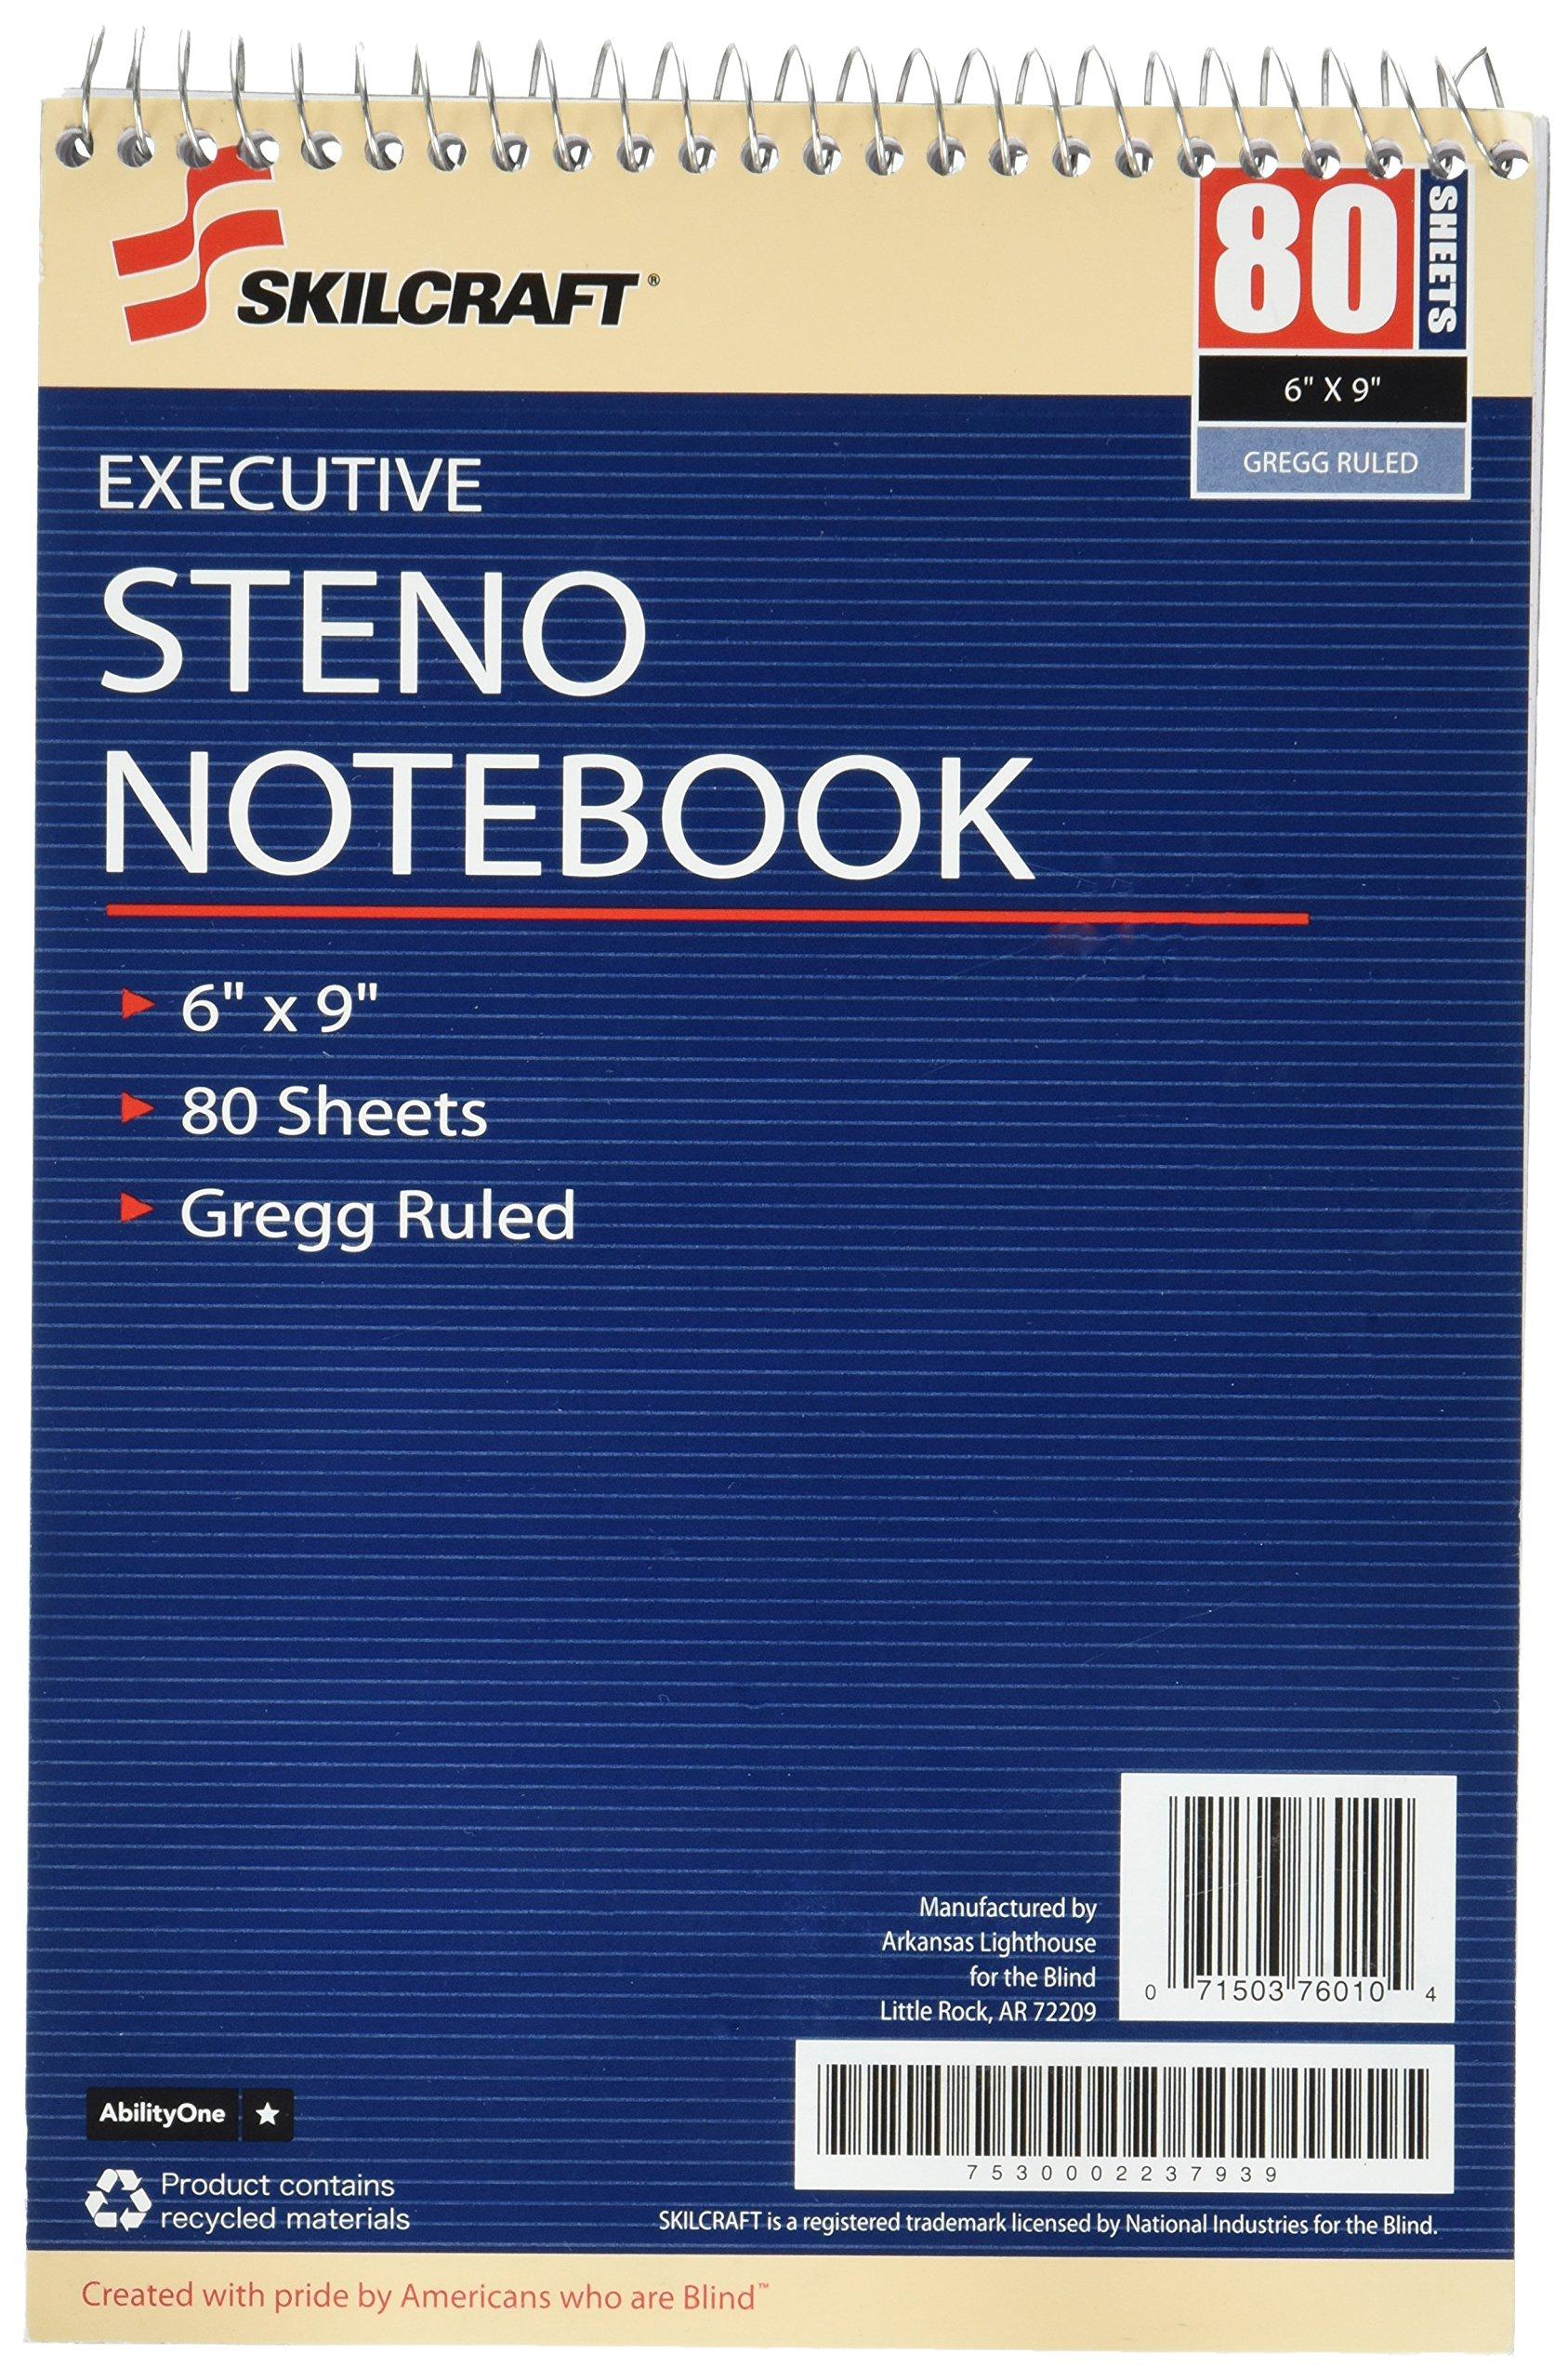 SKILCRAFT Executive Steno Notebook by Skilcraft